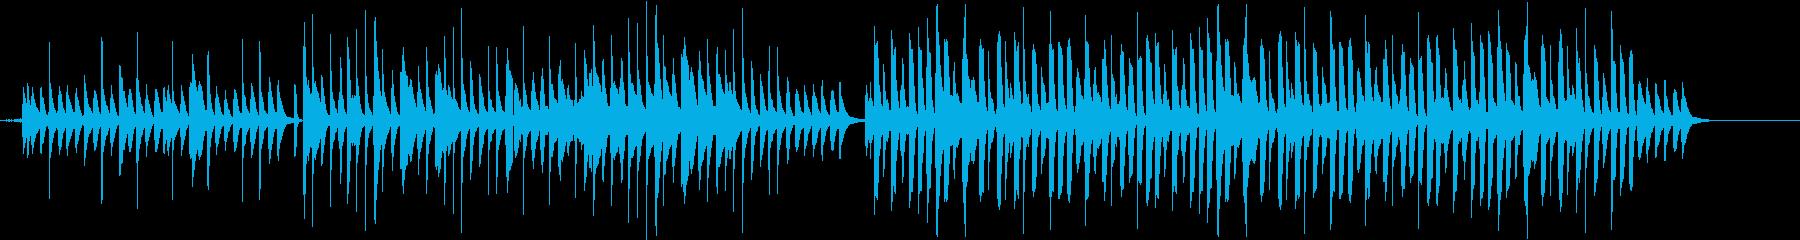 オルゴールと不思議なリズムの短い音楽の再生済みの波形